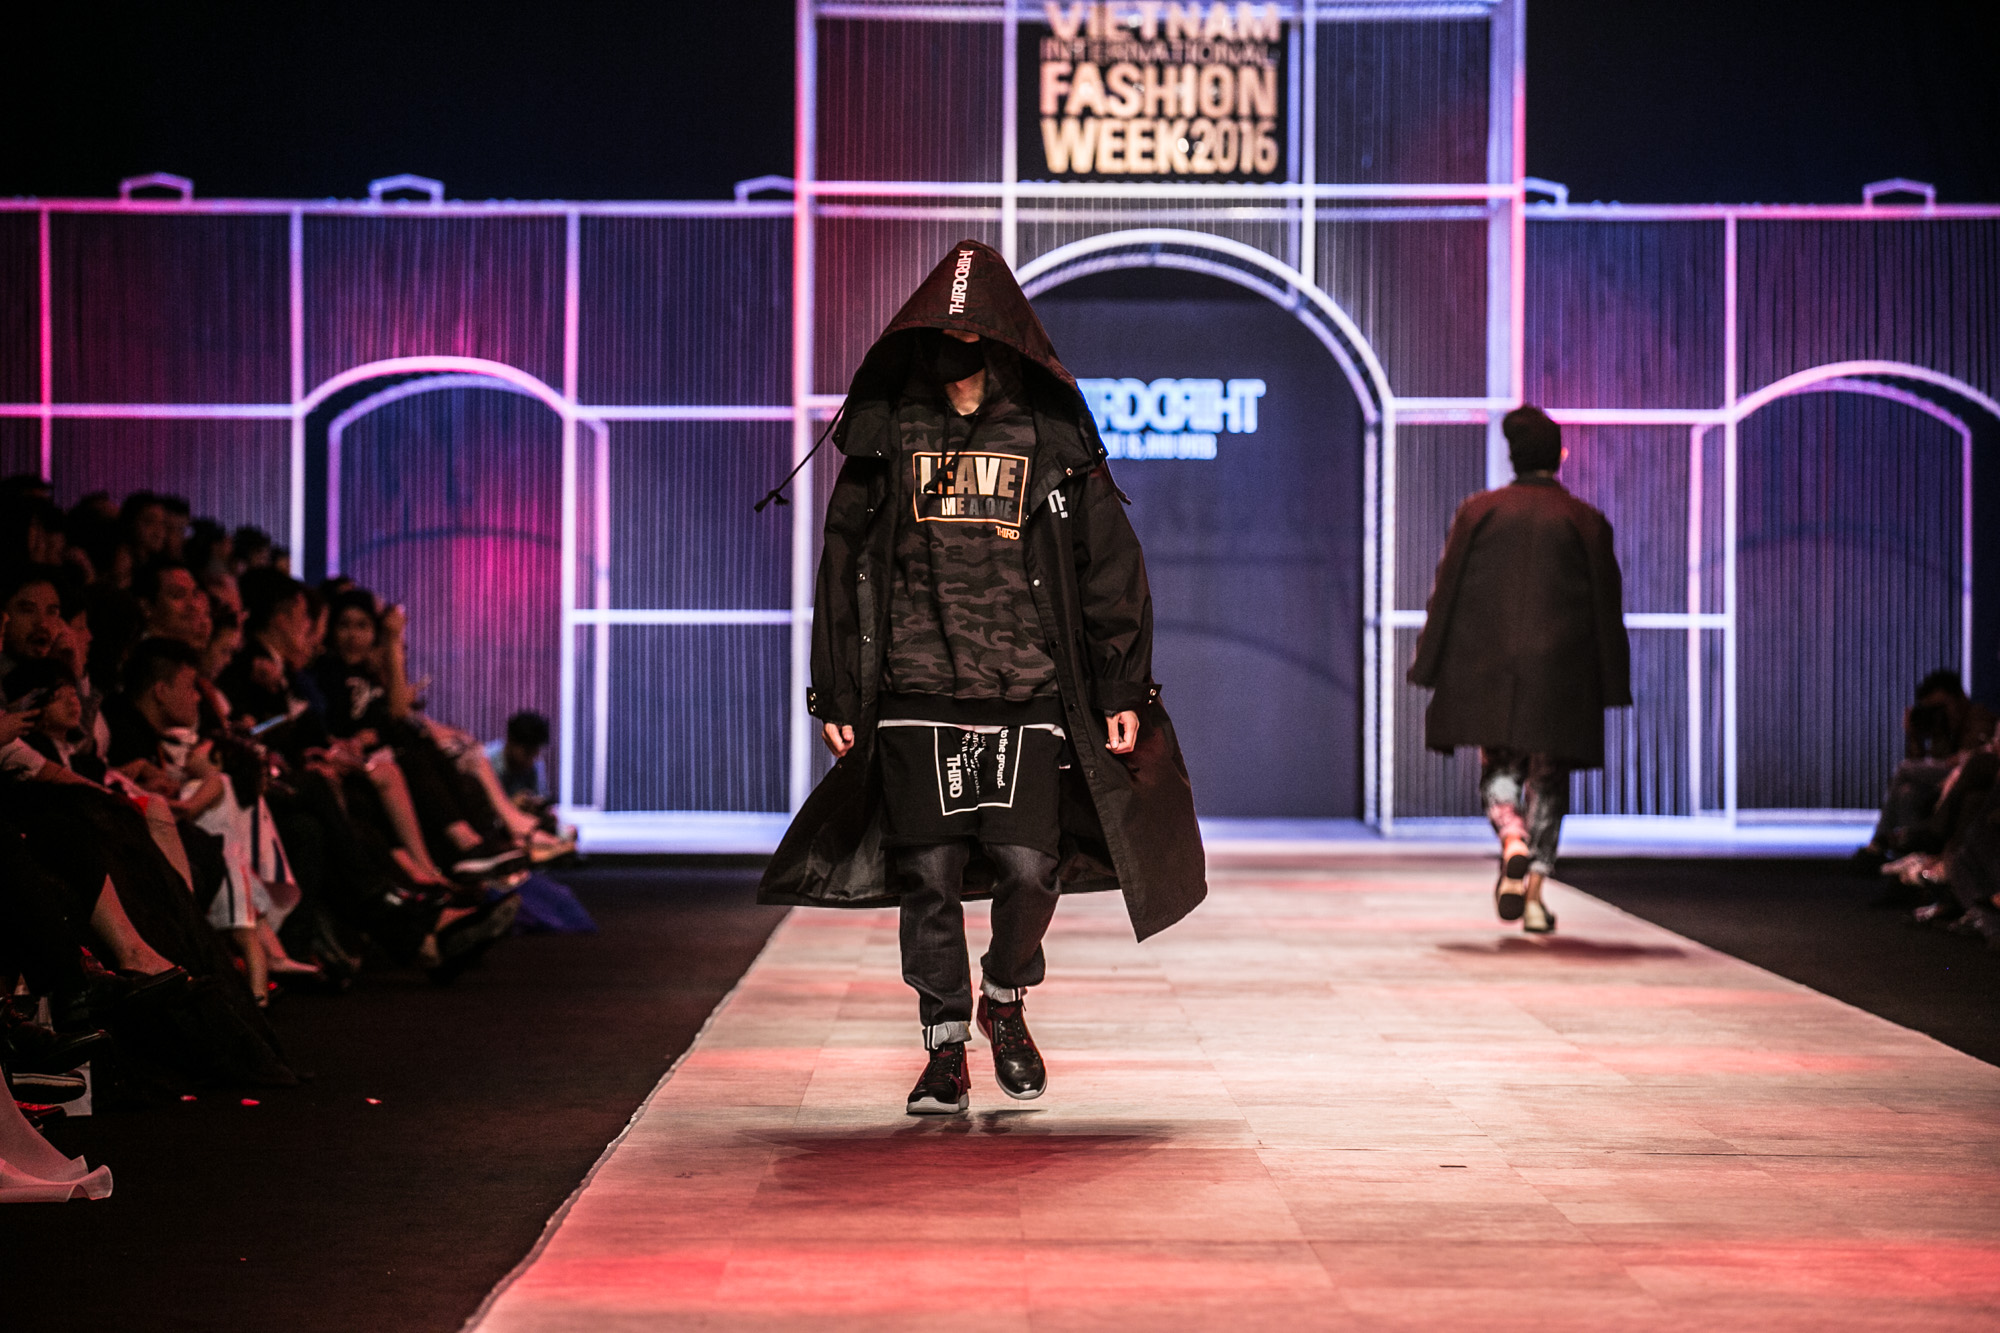 Chi Pu kiêu kì dắt cún trình diễn thời trang trên sàn diễn VIFW - Ảnh 48.